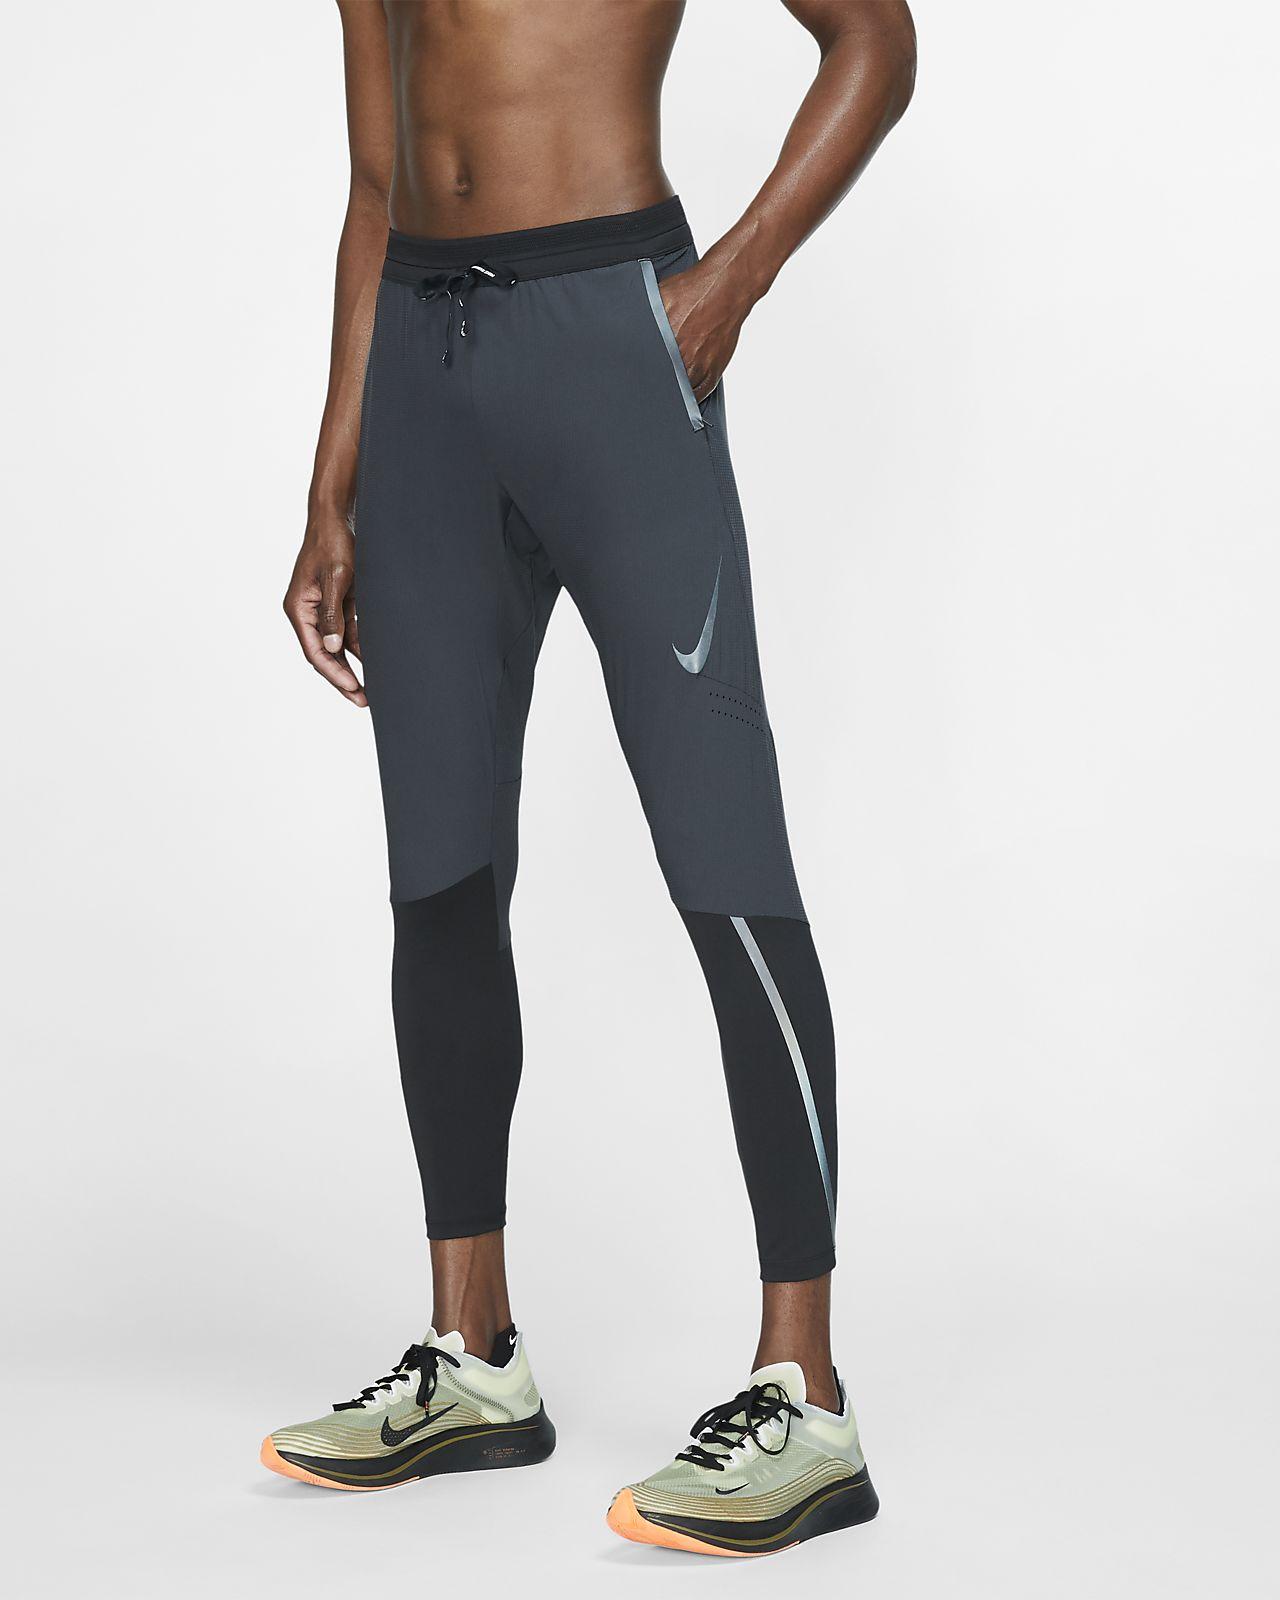 Nike Swift løbebukser til mænd